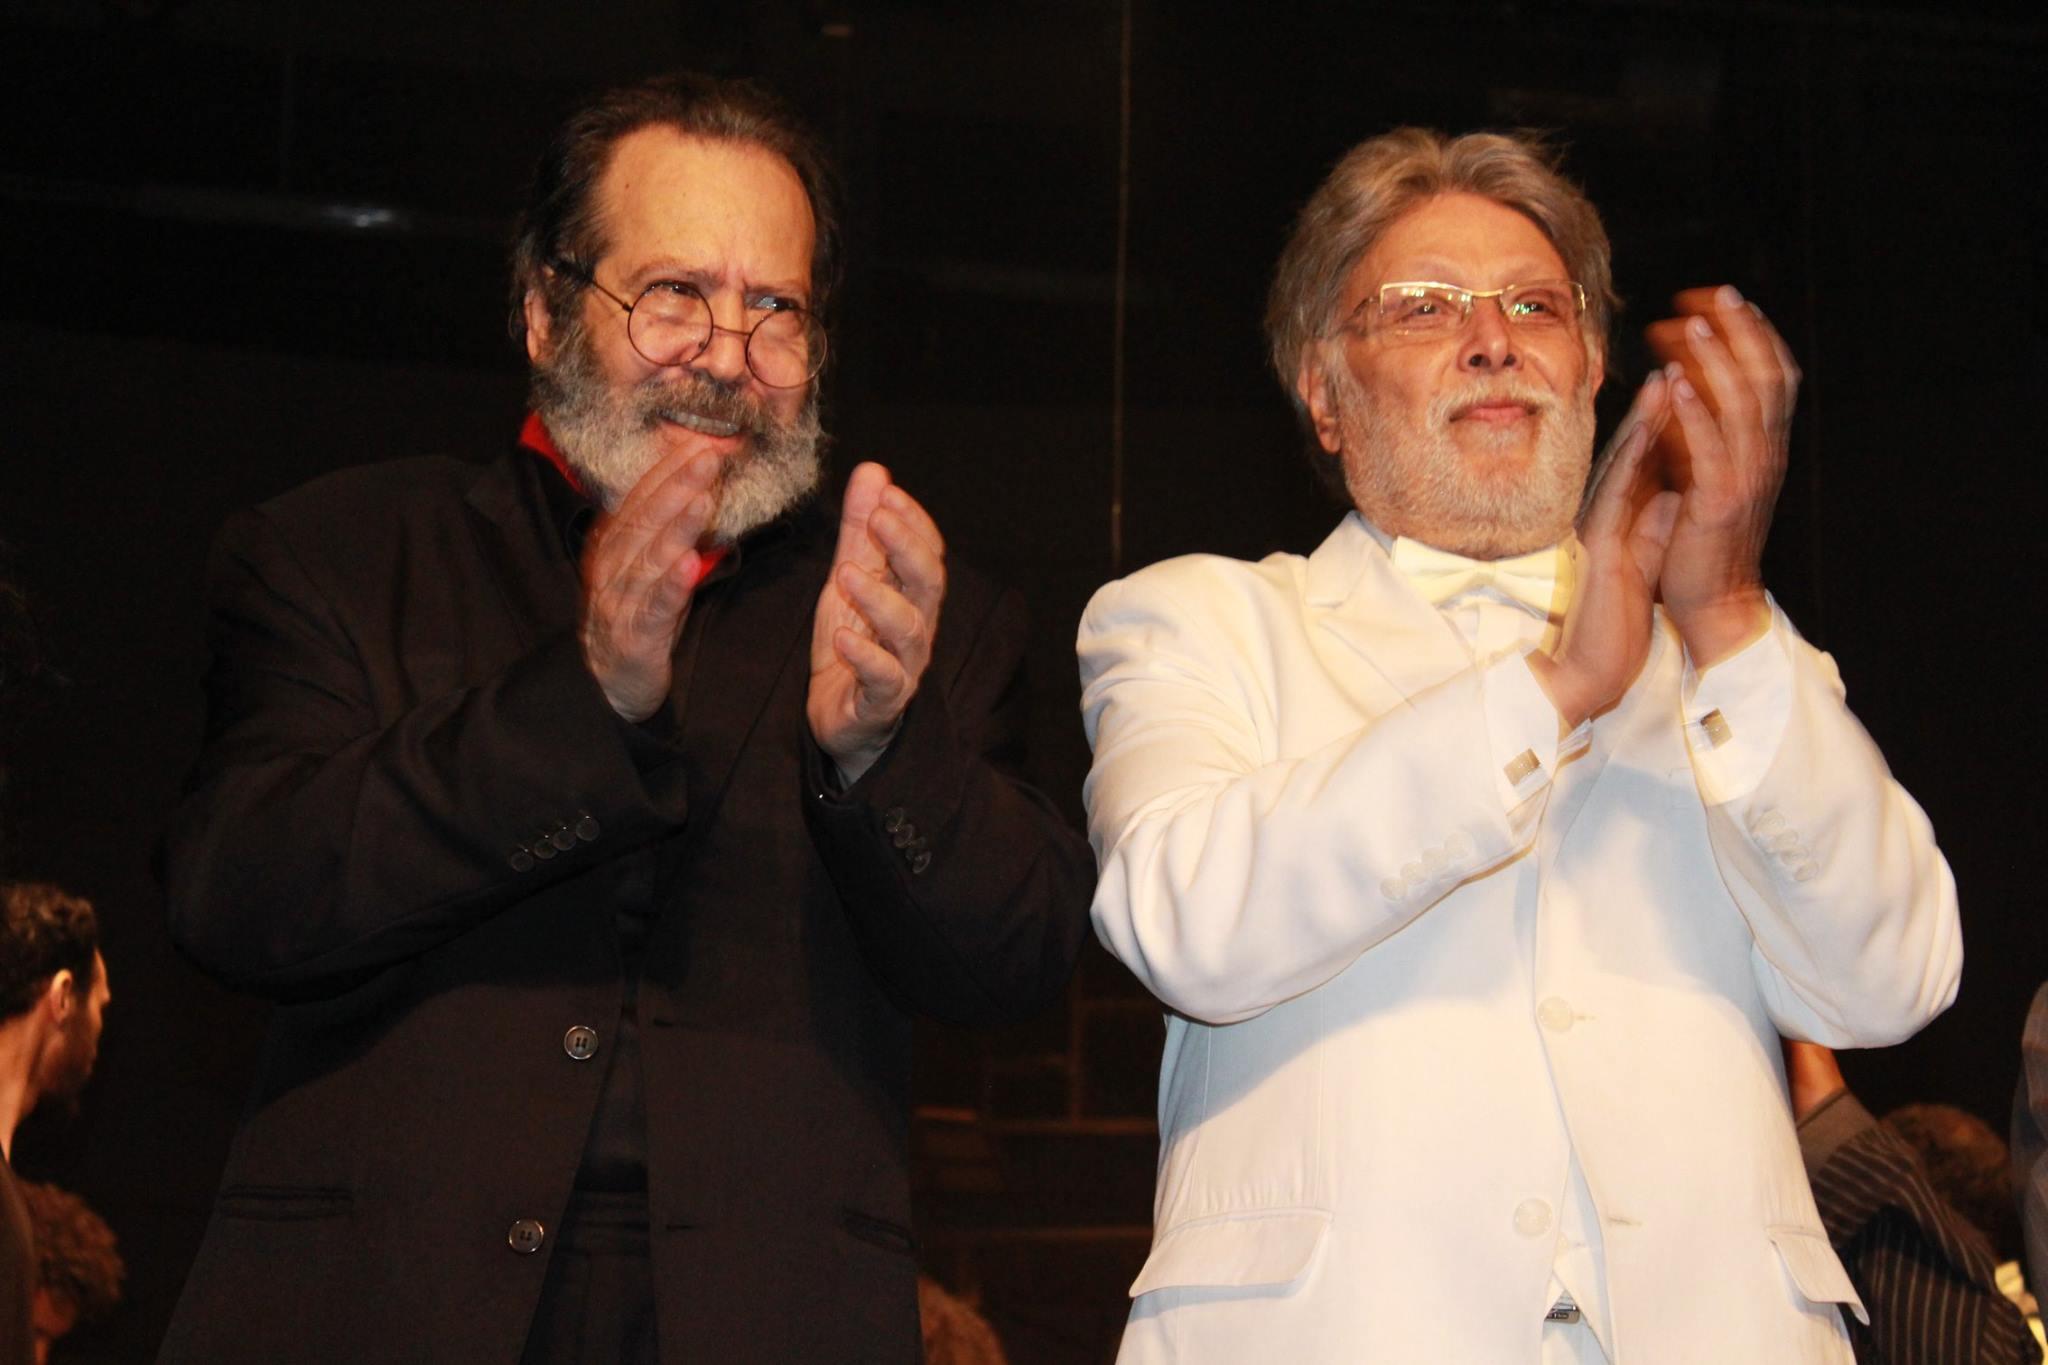 «النمنم» و«جلال» يشاهدان «المحاكمة» في ليلة الاحتفال بالمسرح العالمي